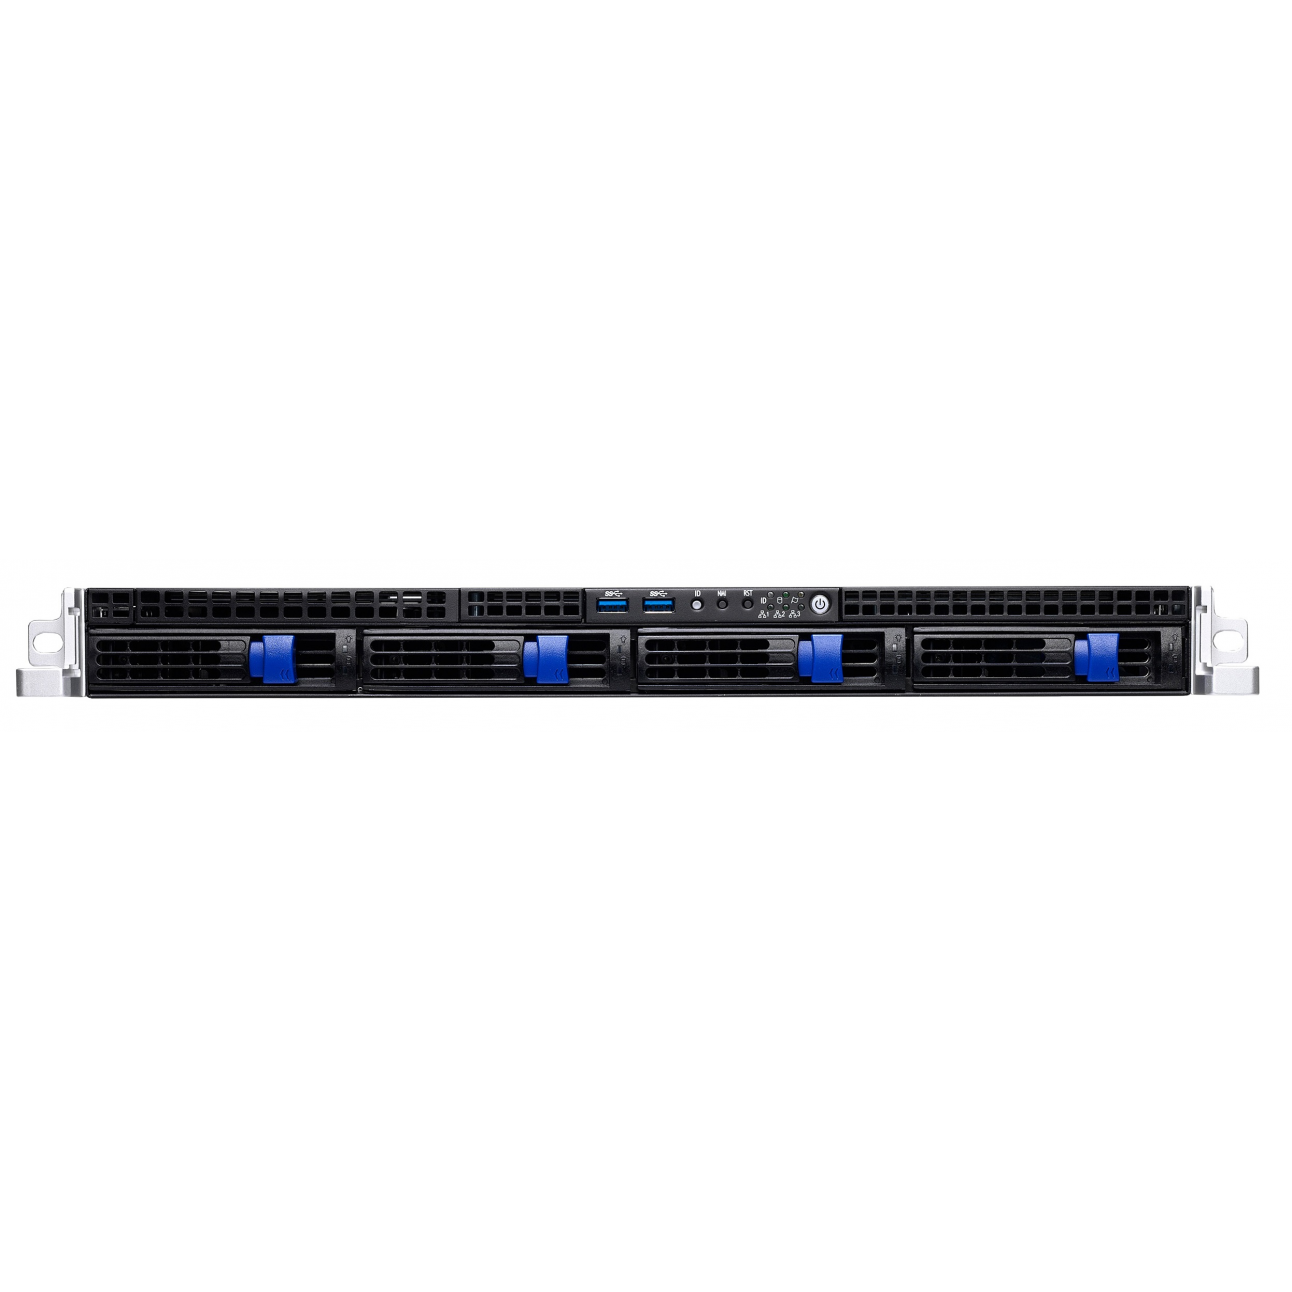 Сервер SNR-SR160R-V5, 1U, 1 процессор Intel Xeon E3-1220v5, 16G DDR4, 2x1TB HDD, резервируемый БП